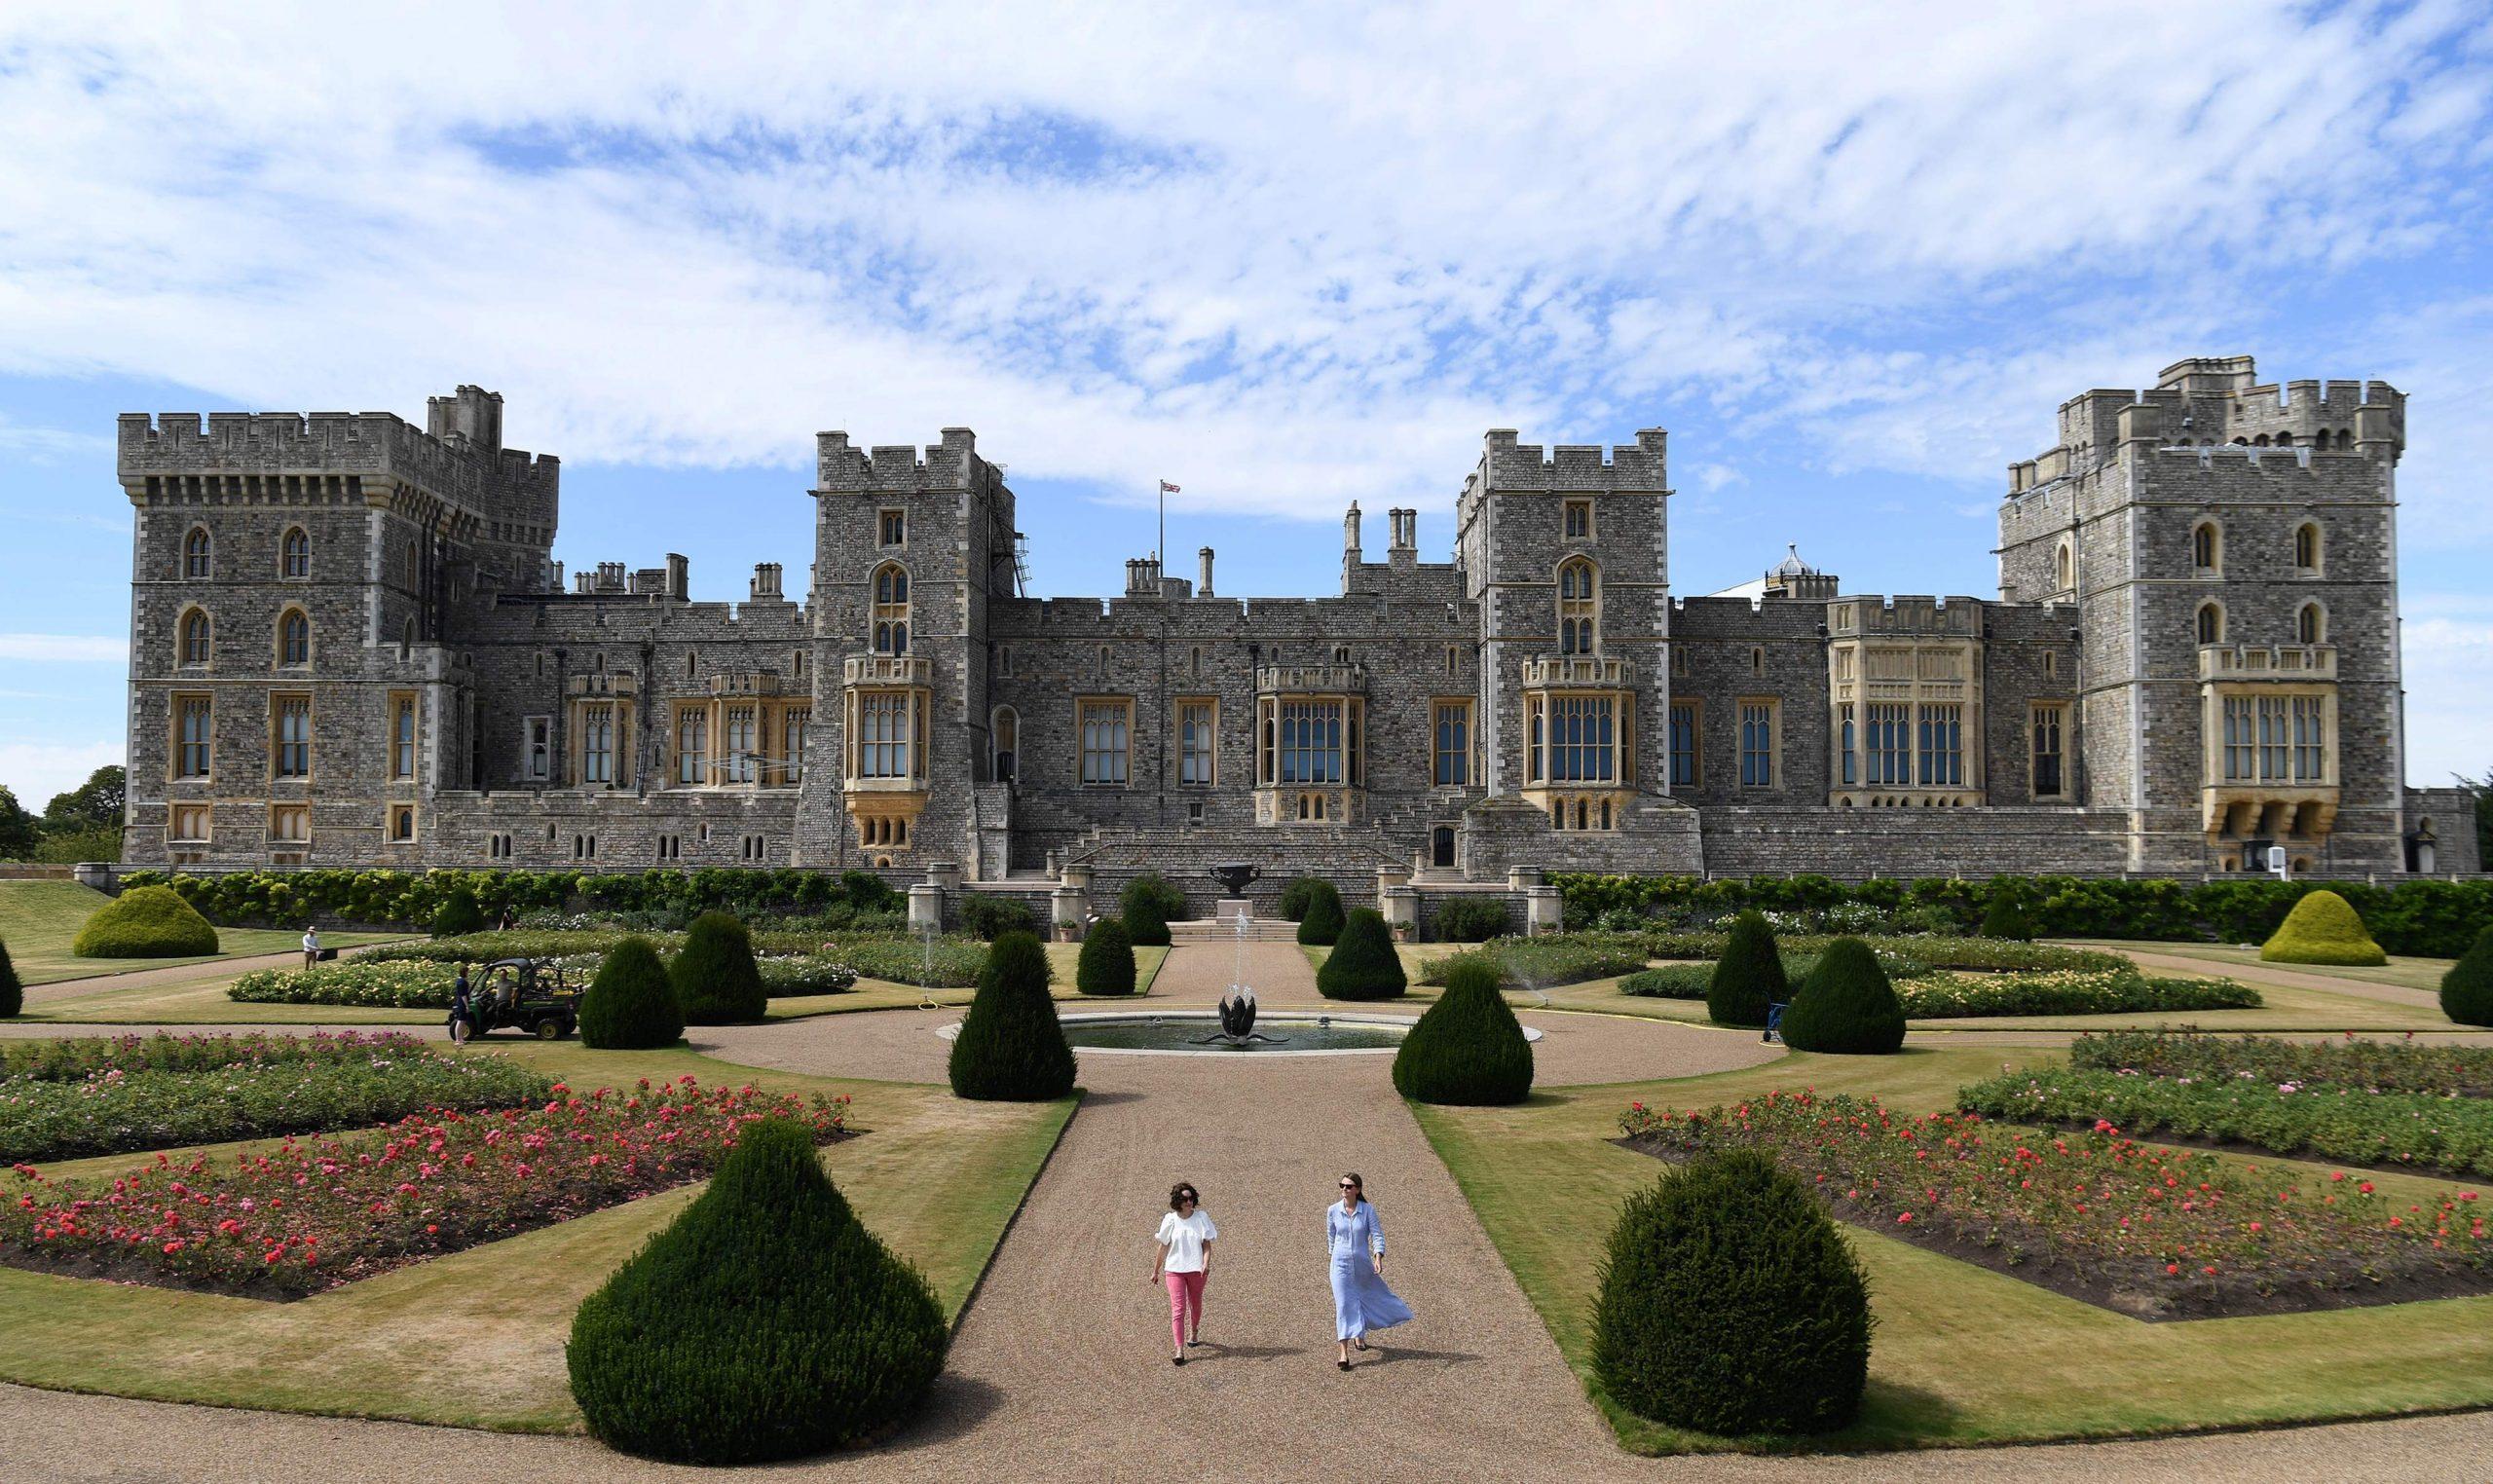 ستفتح الملكة حديقة قلعة وندسور للجمهور لأول مرة منذ أكثر من 40 عامًا